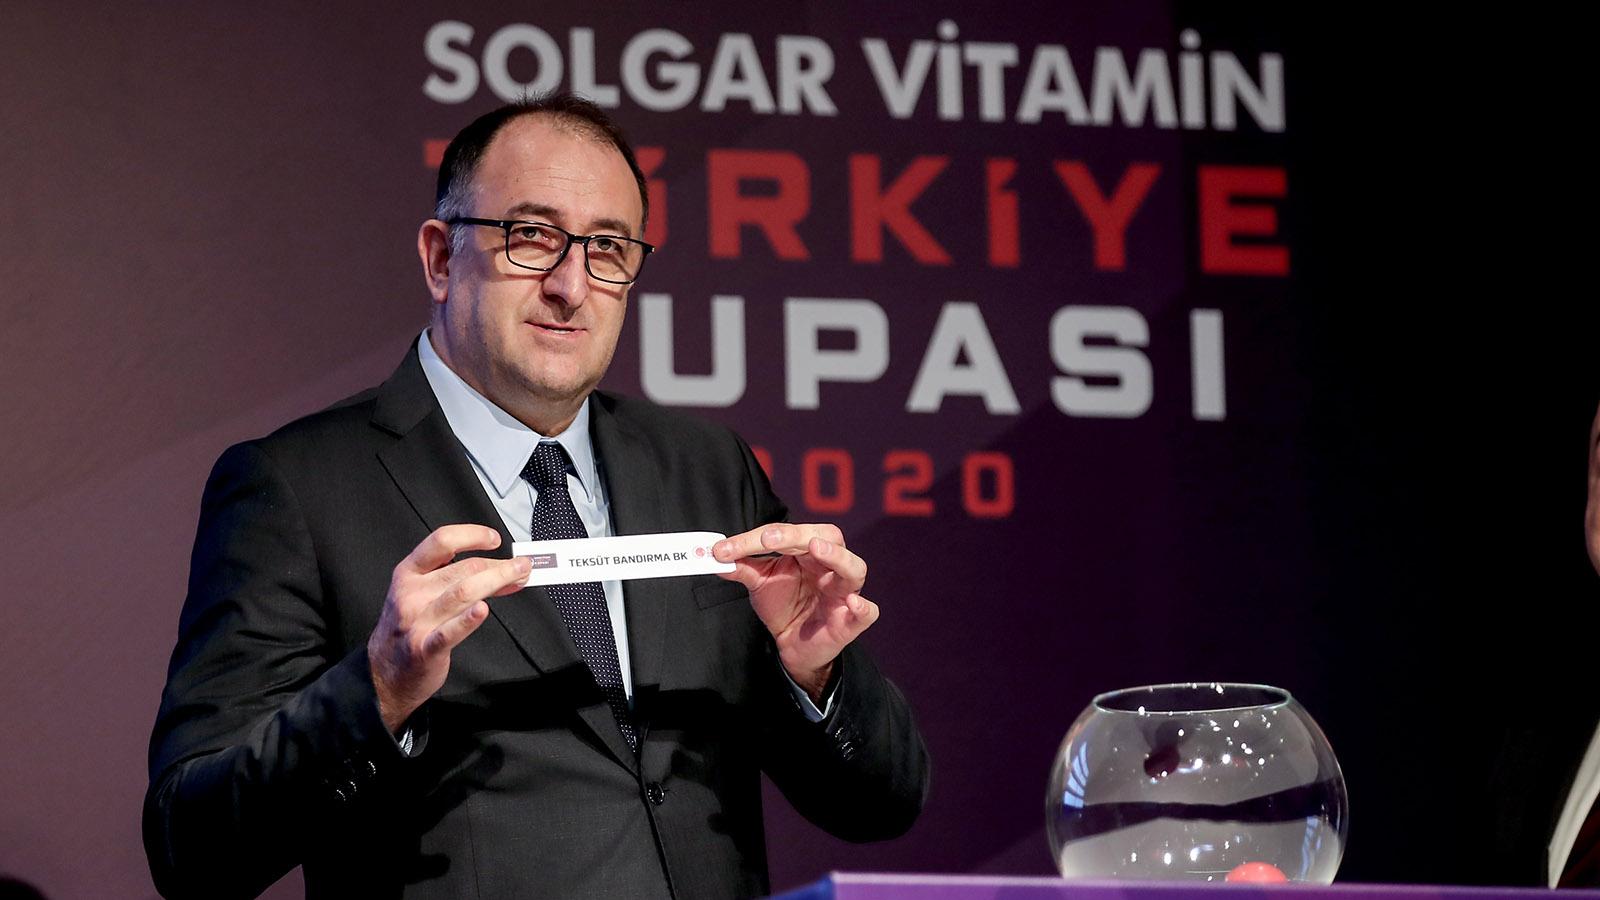 Solgar Vitamin Türkiye Kupası çeyrek finalinde rakibimiz Teksüt Bandırma